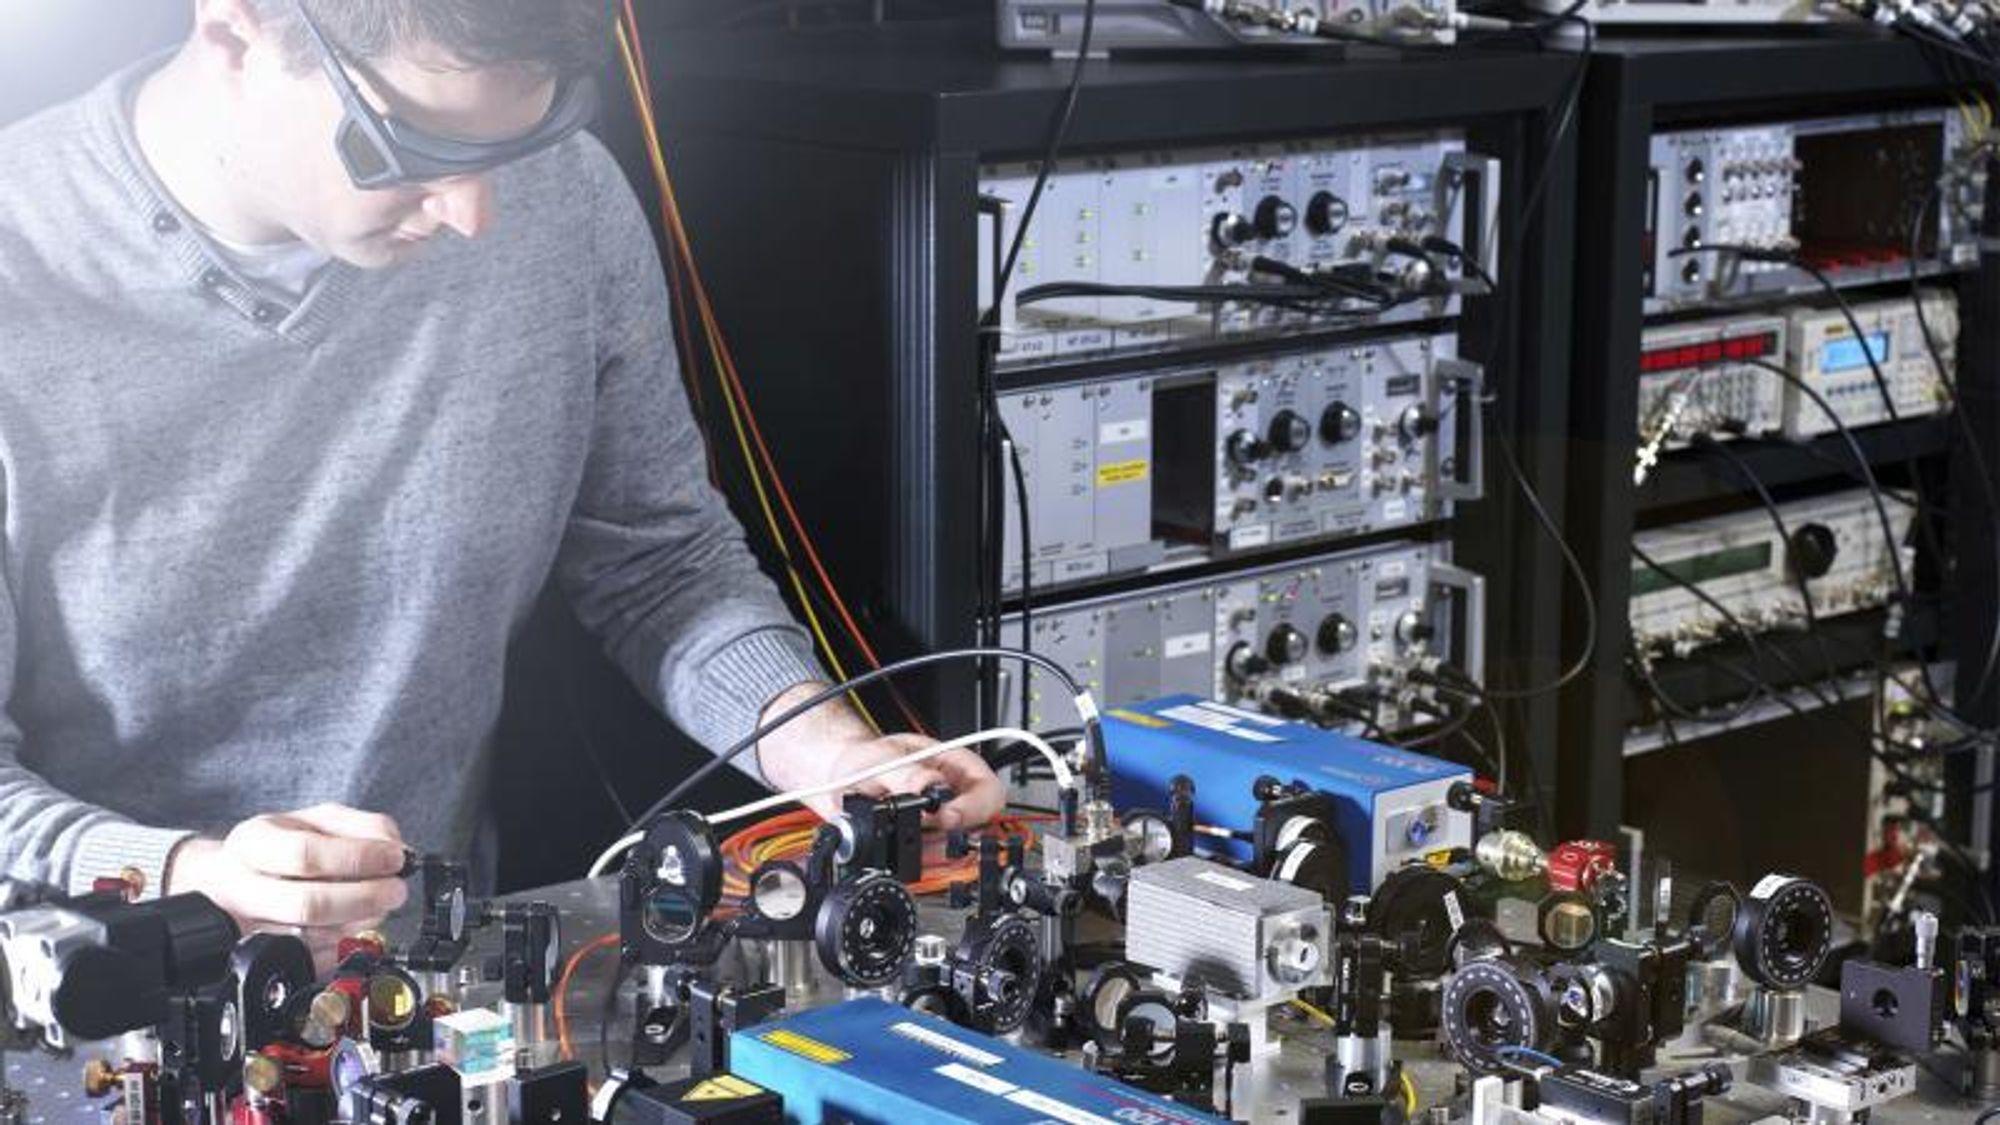 Johannes Thielking har stått i spissen for målinger av egenskapene til kjernen for thorium-229 med lasersystemer hos Physikalisch-Technische Bundesanstalt.Foto: Physikalisch-Technische Bundesanstalt